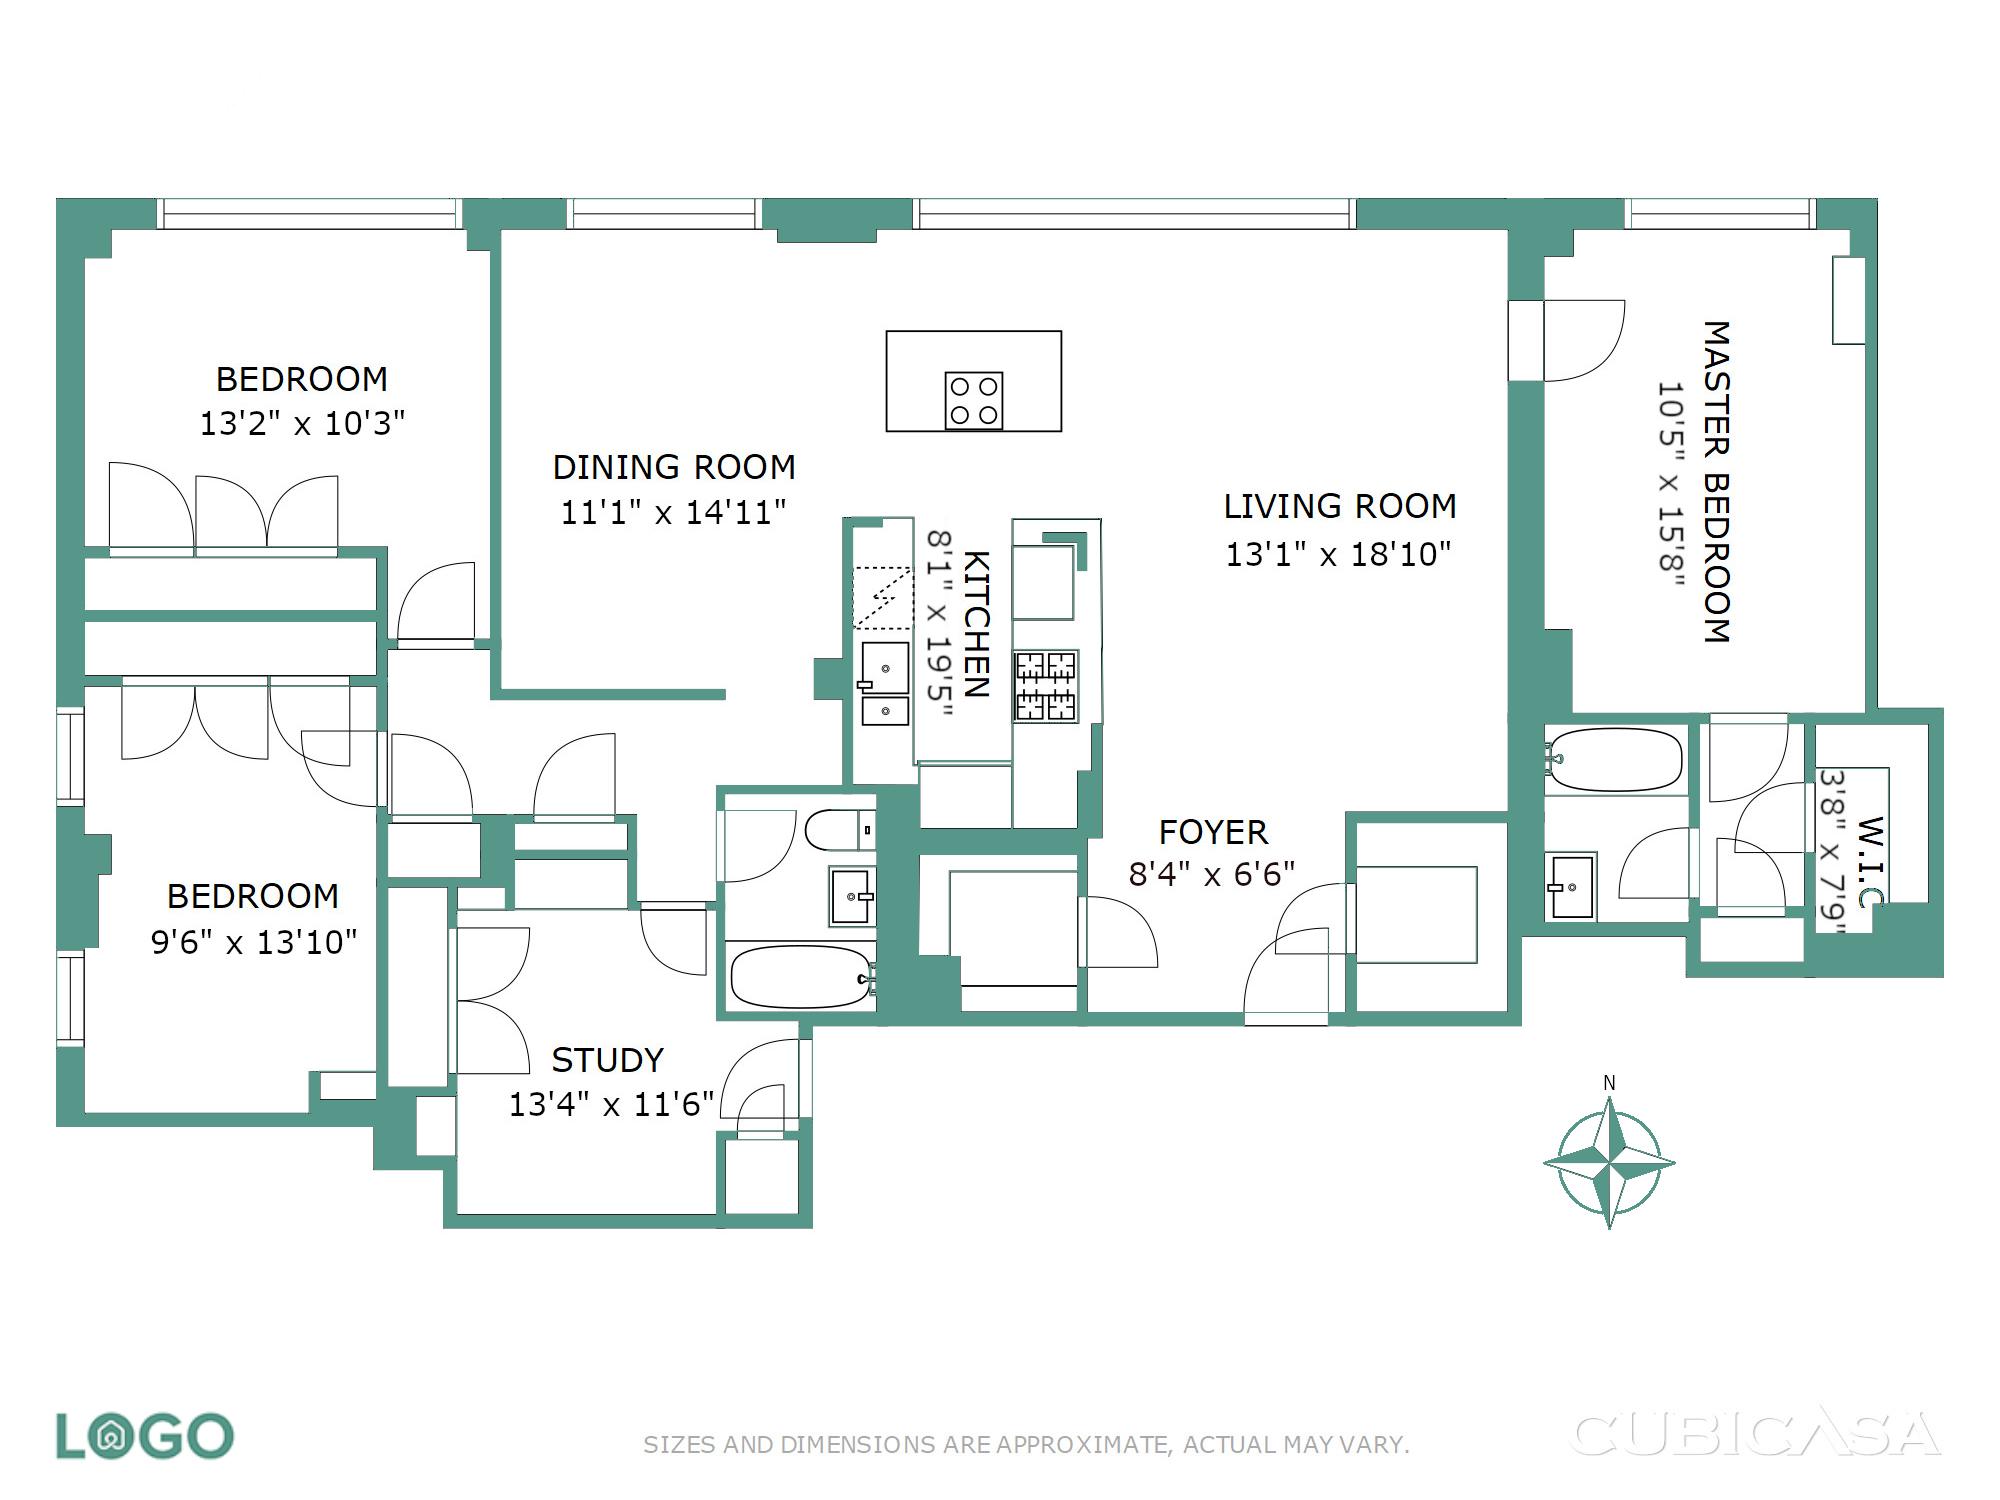 Floor Plan Example Floor Plans Create Floor Plan Floor Plan App